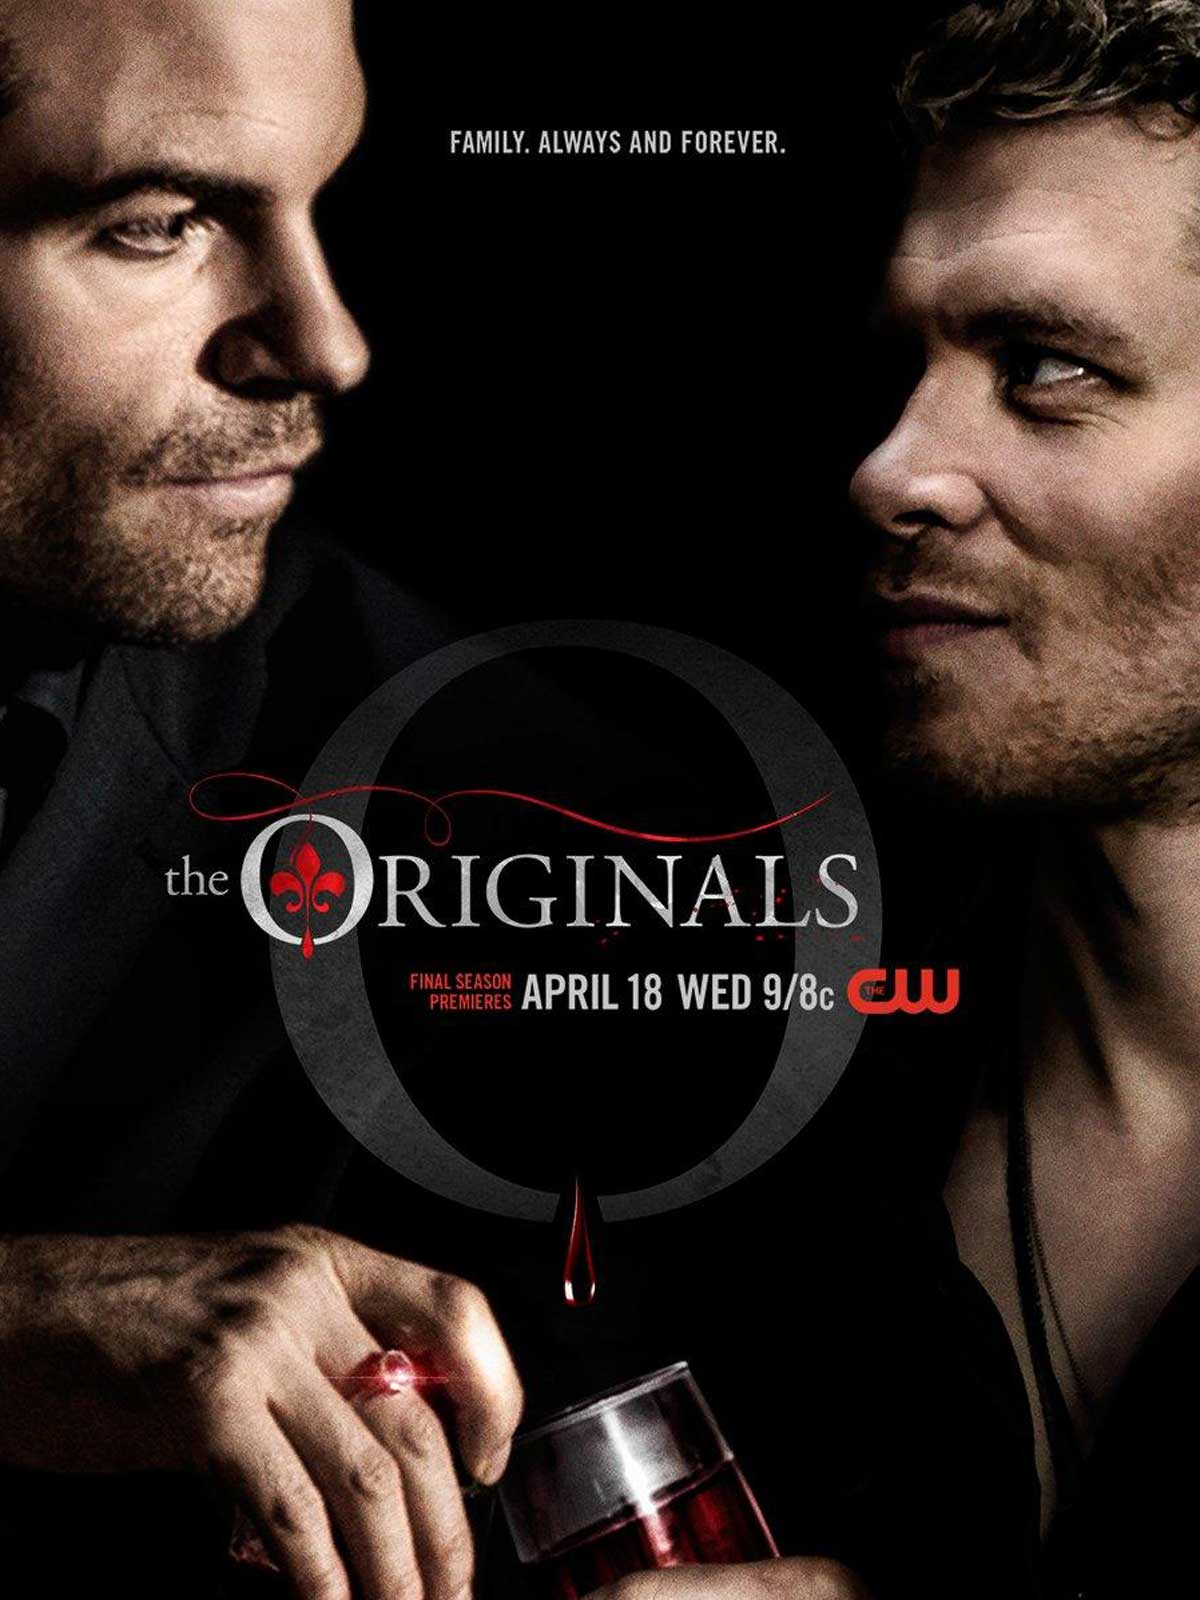 The Originals streaming